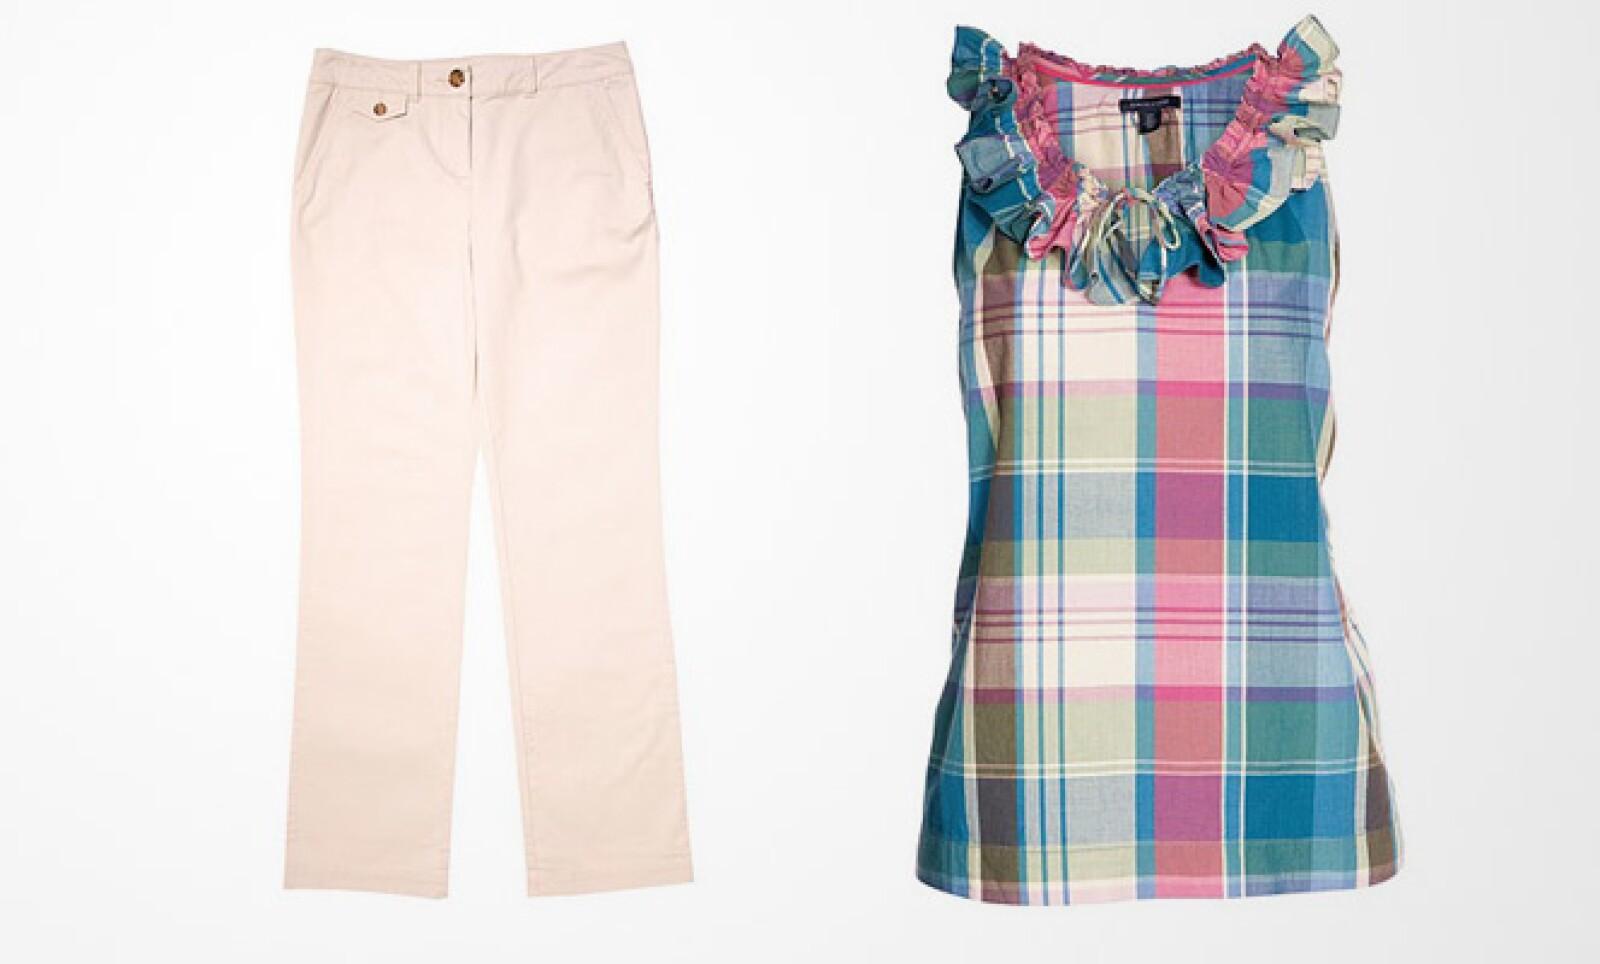 Para las damas, un vestido con manga cisa y colores pastel, que puedes combinar con un pantalón de algodón y tono beige.